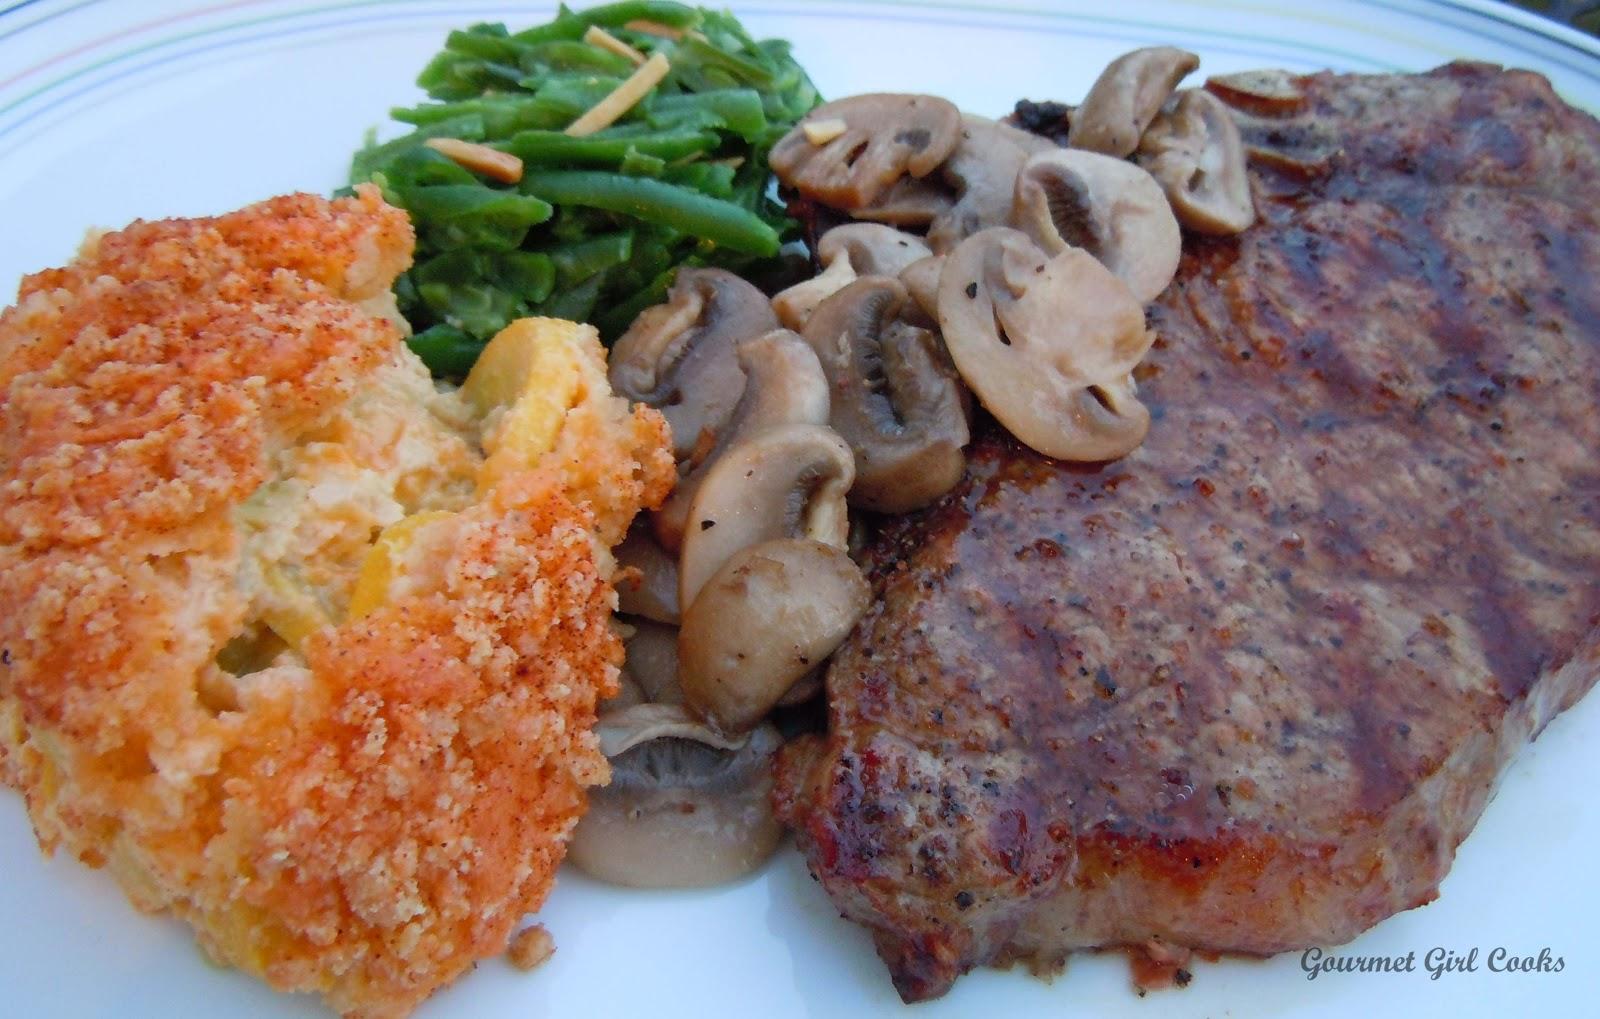 Gourmet Steak Dinner Recipes